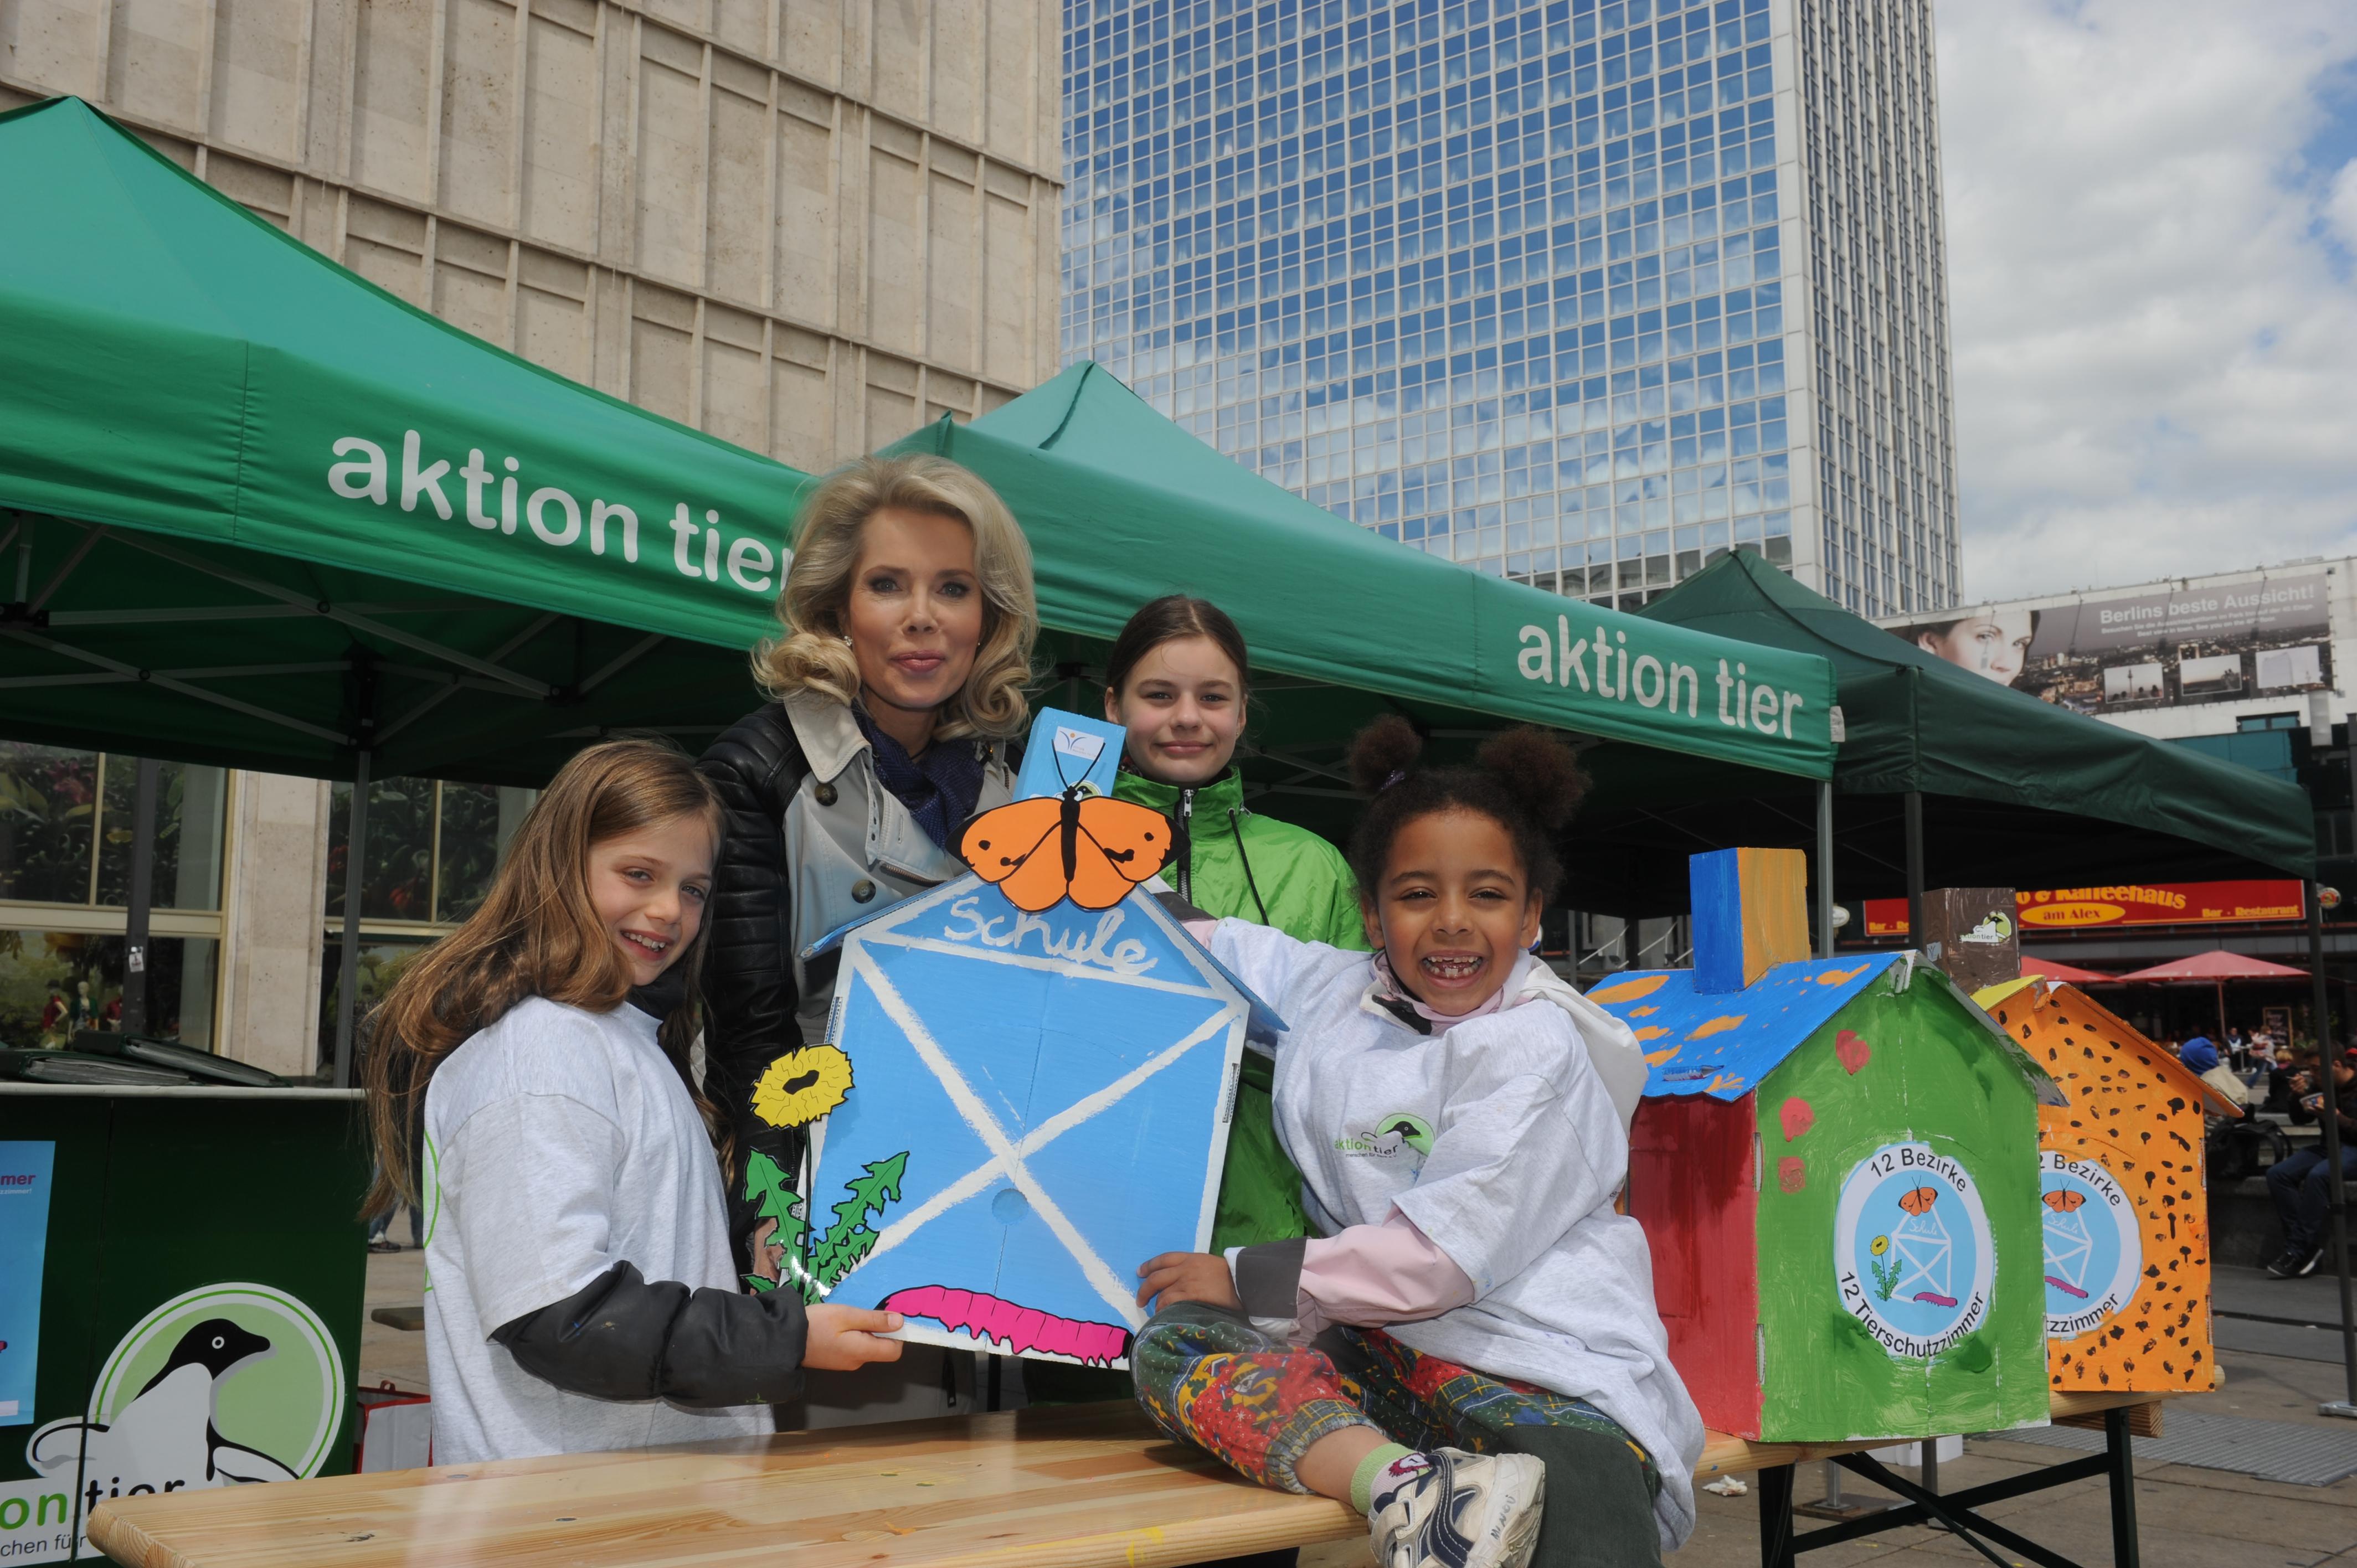 Gabriele Prinzessin zu Leiningen mit Kindern bei der aktion tier Kampagneneröffnung